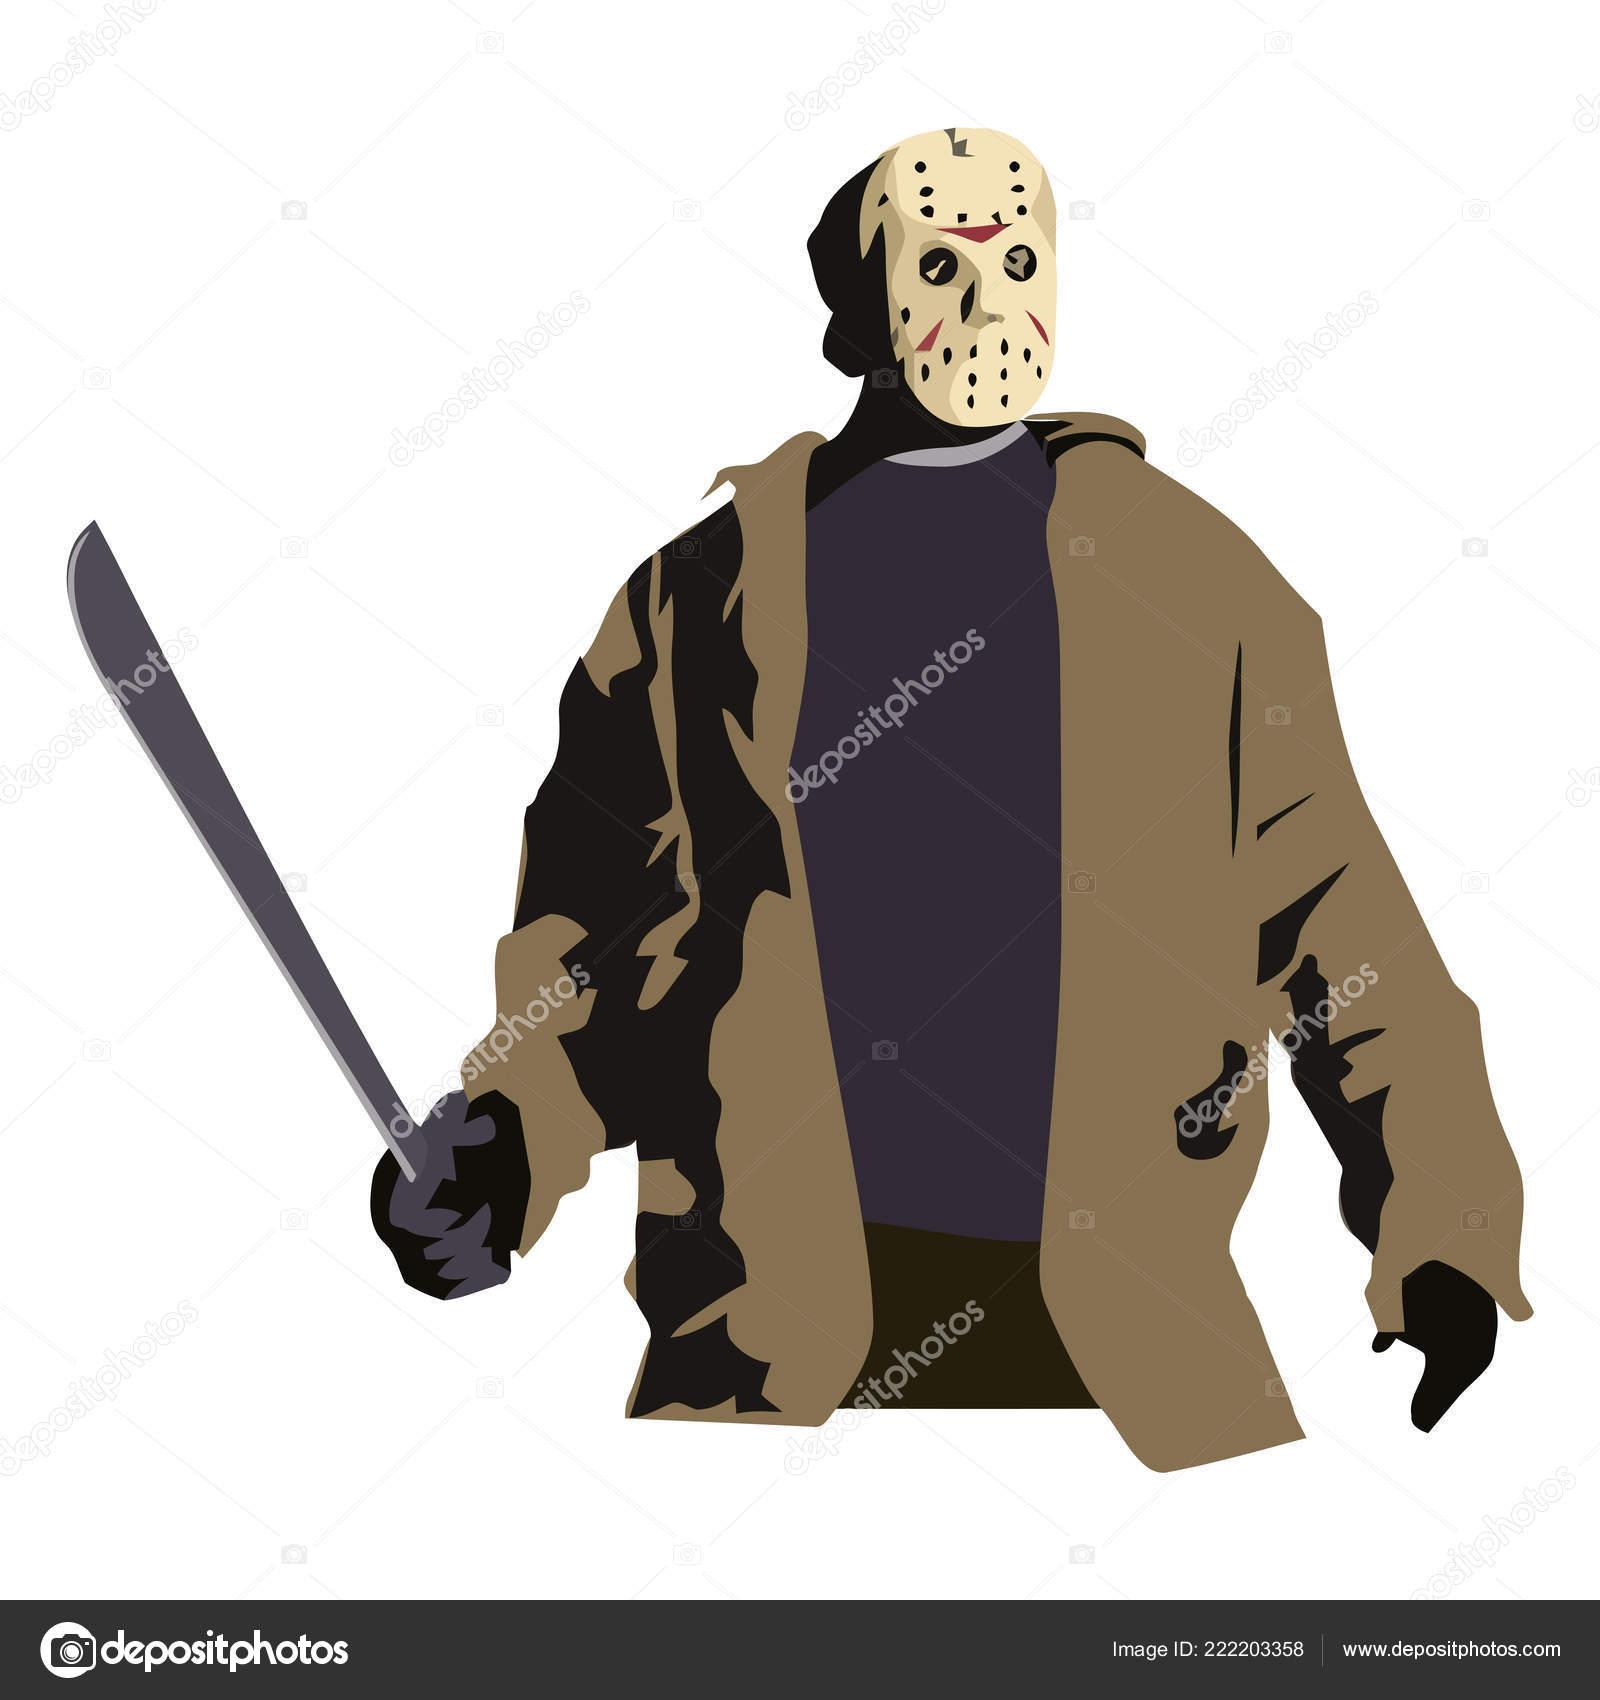 Halloween Jason Mask Cartoon.Jason Halloween Terror Killer Scary Mask Illustration Stock